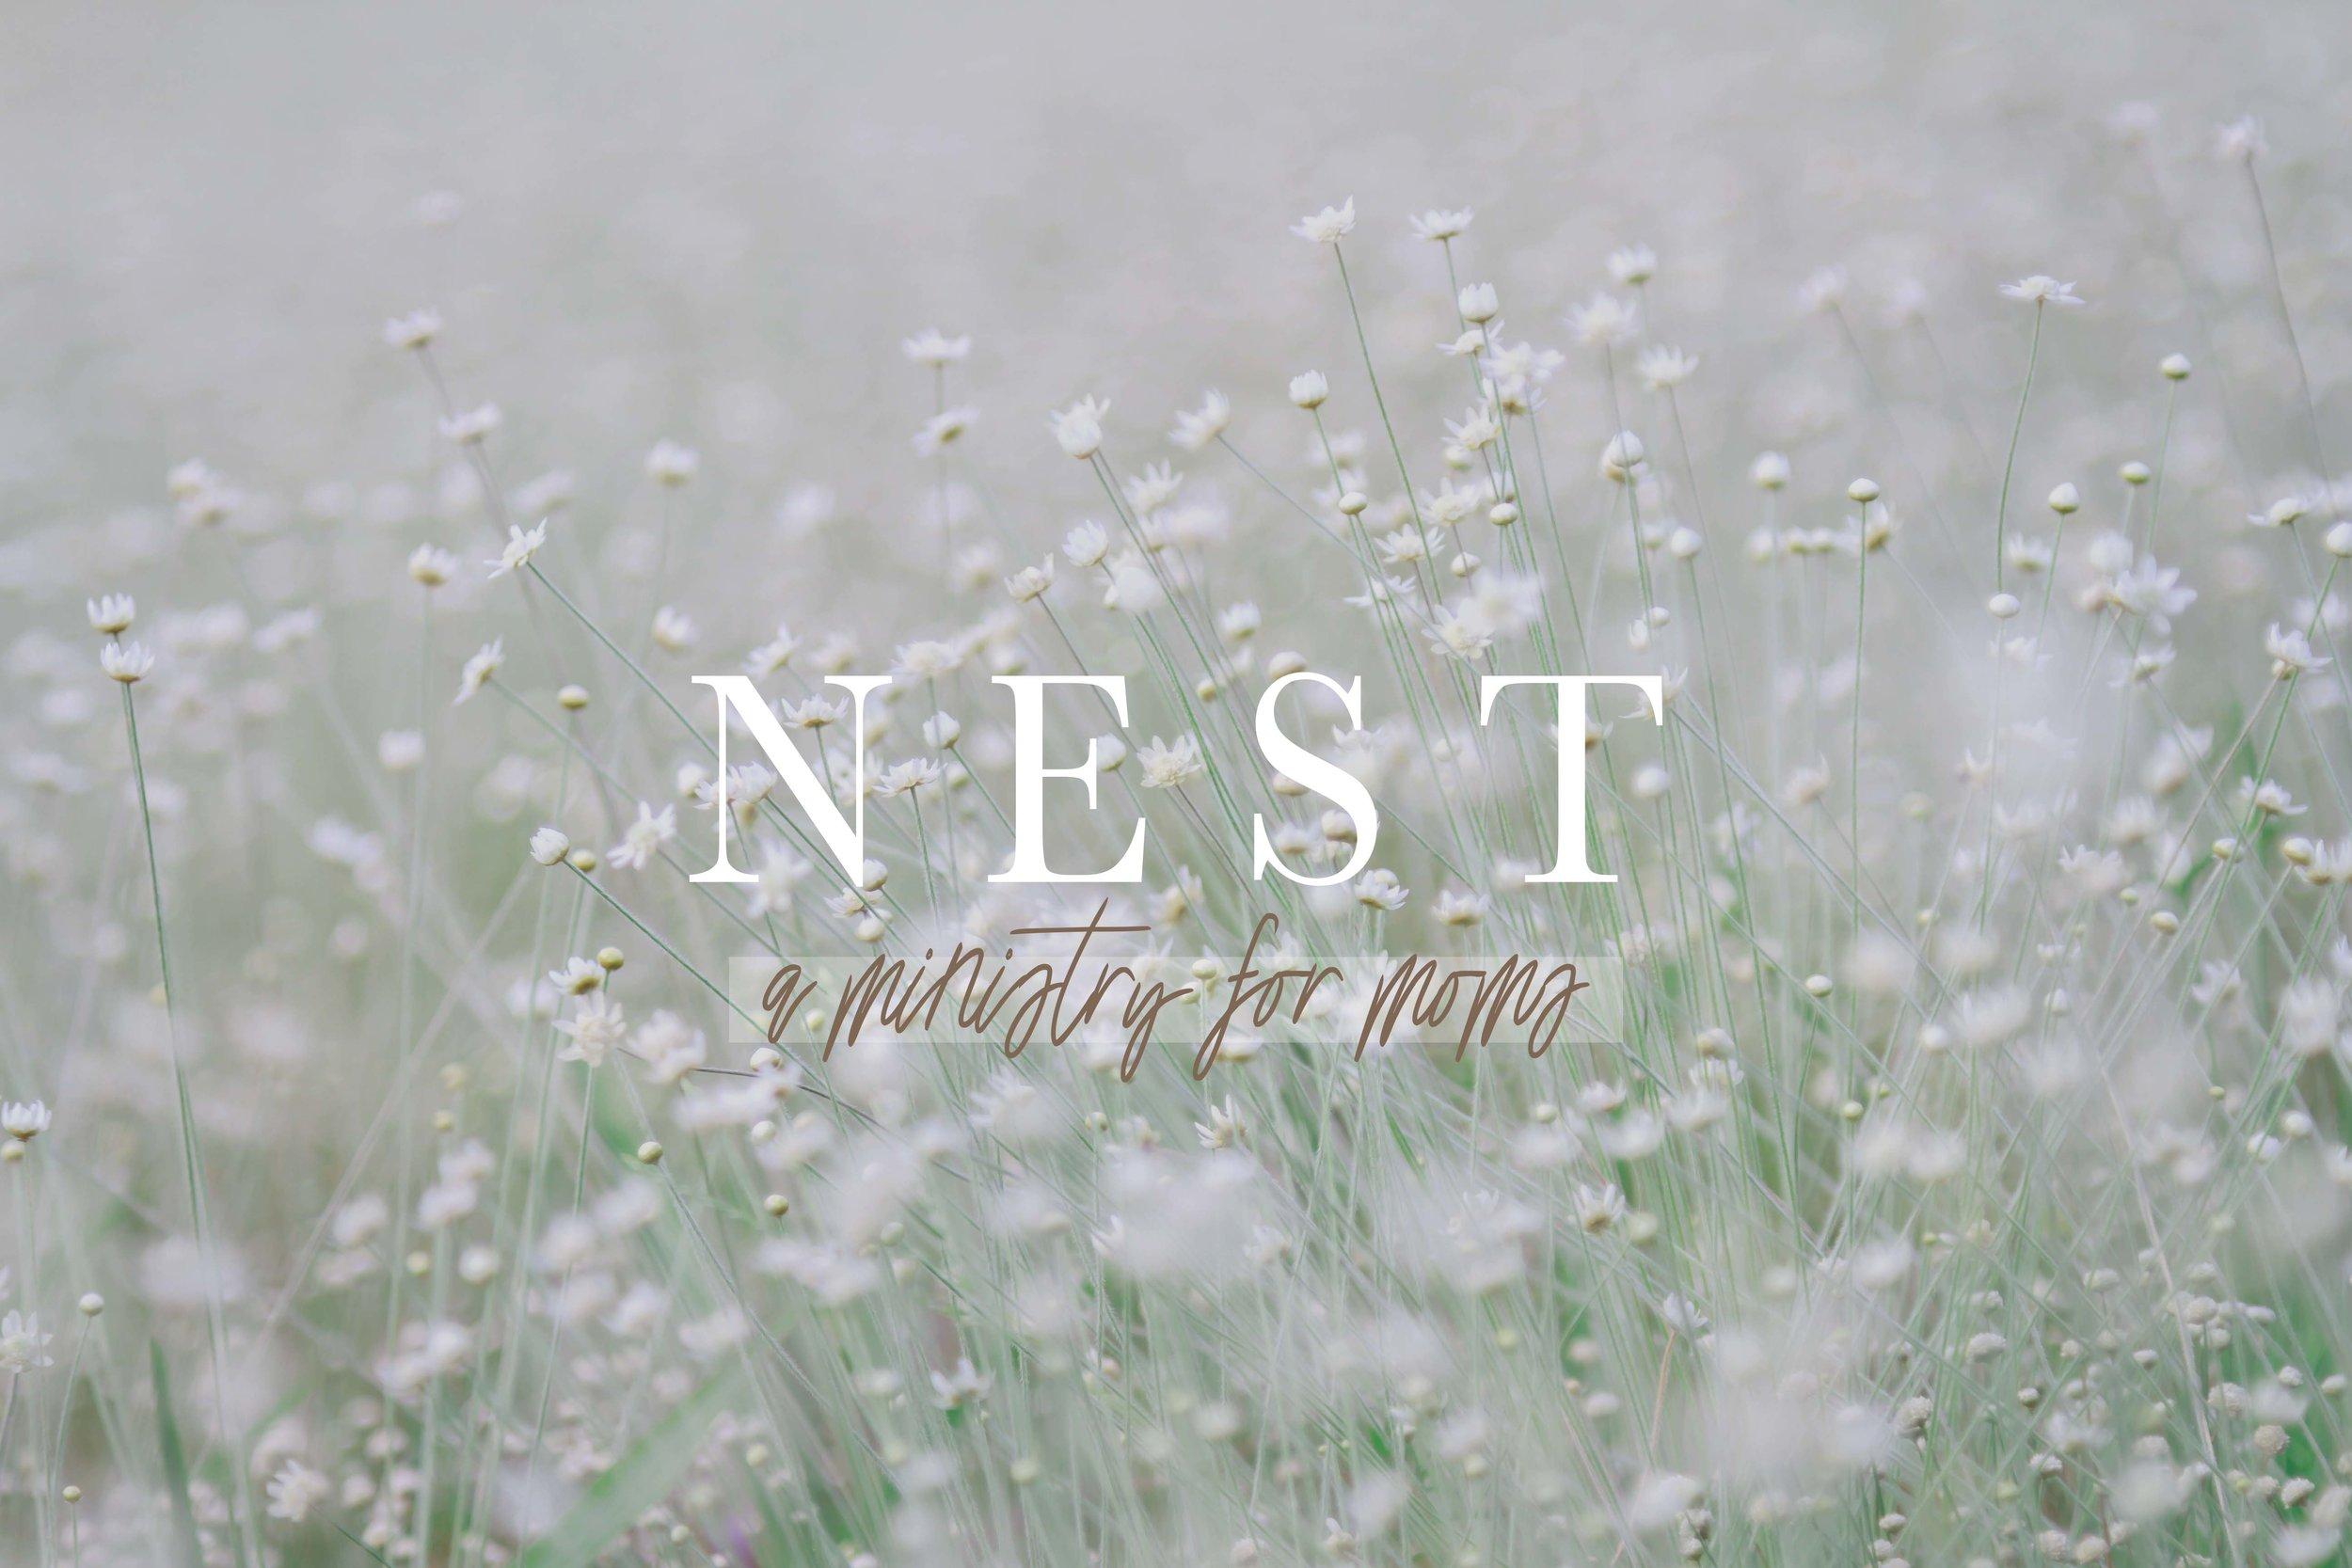 Nest Graphic.jpg